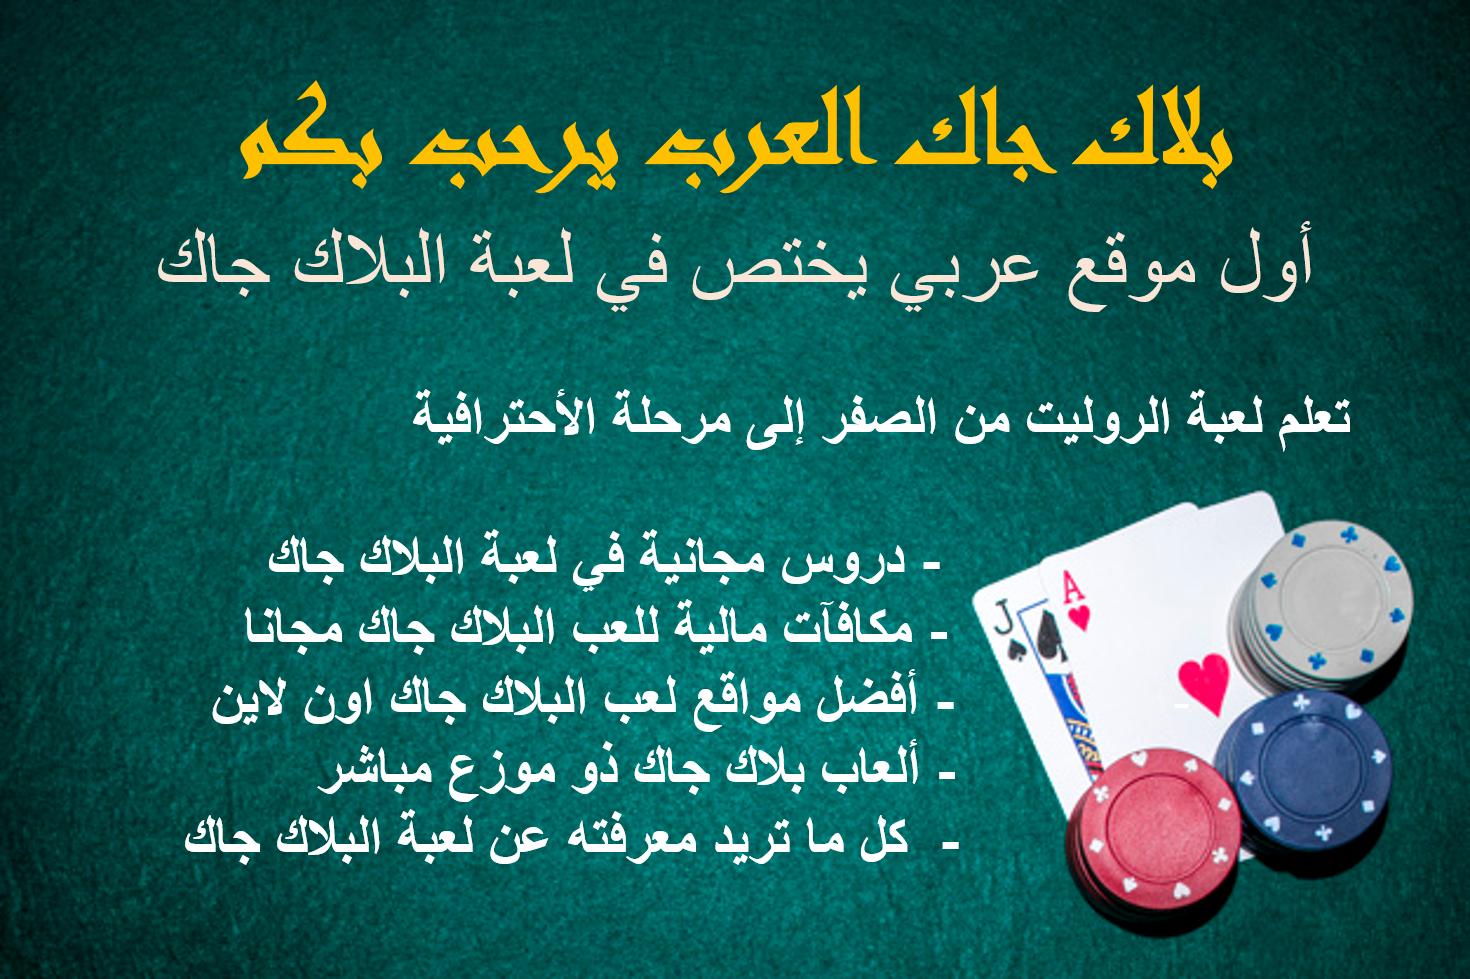 العب واربح المال - 59950